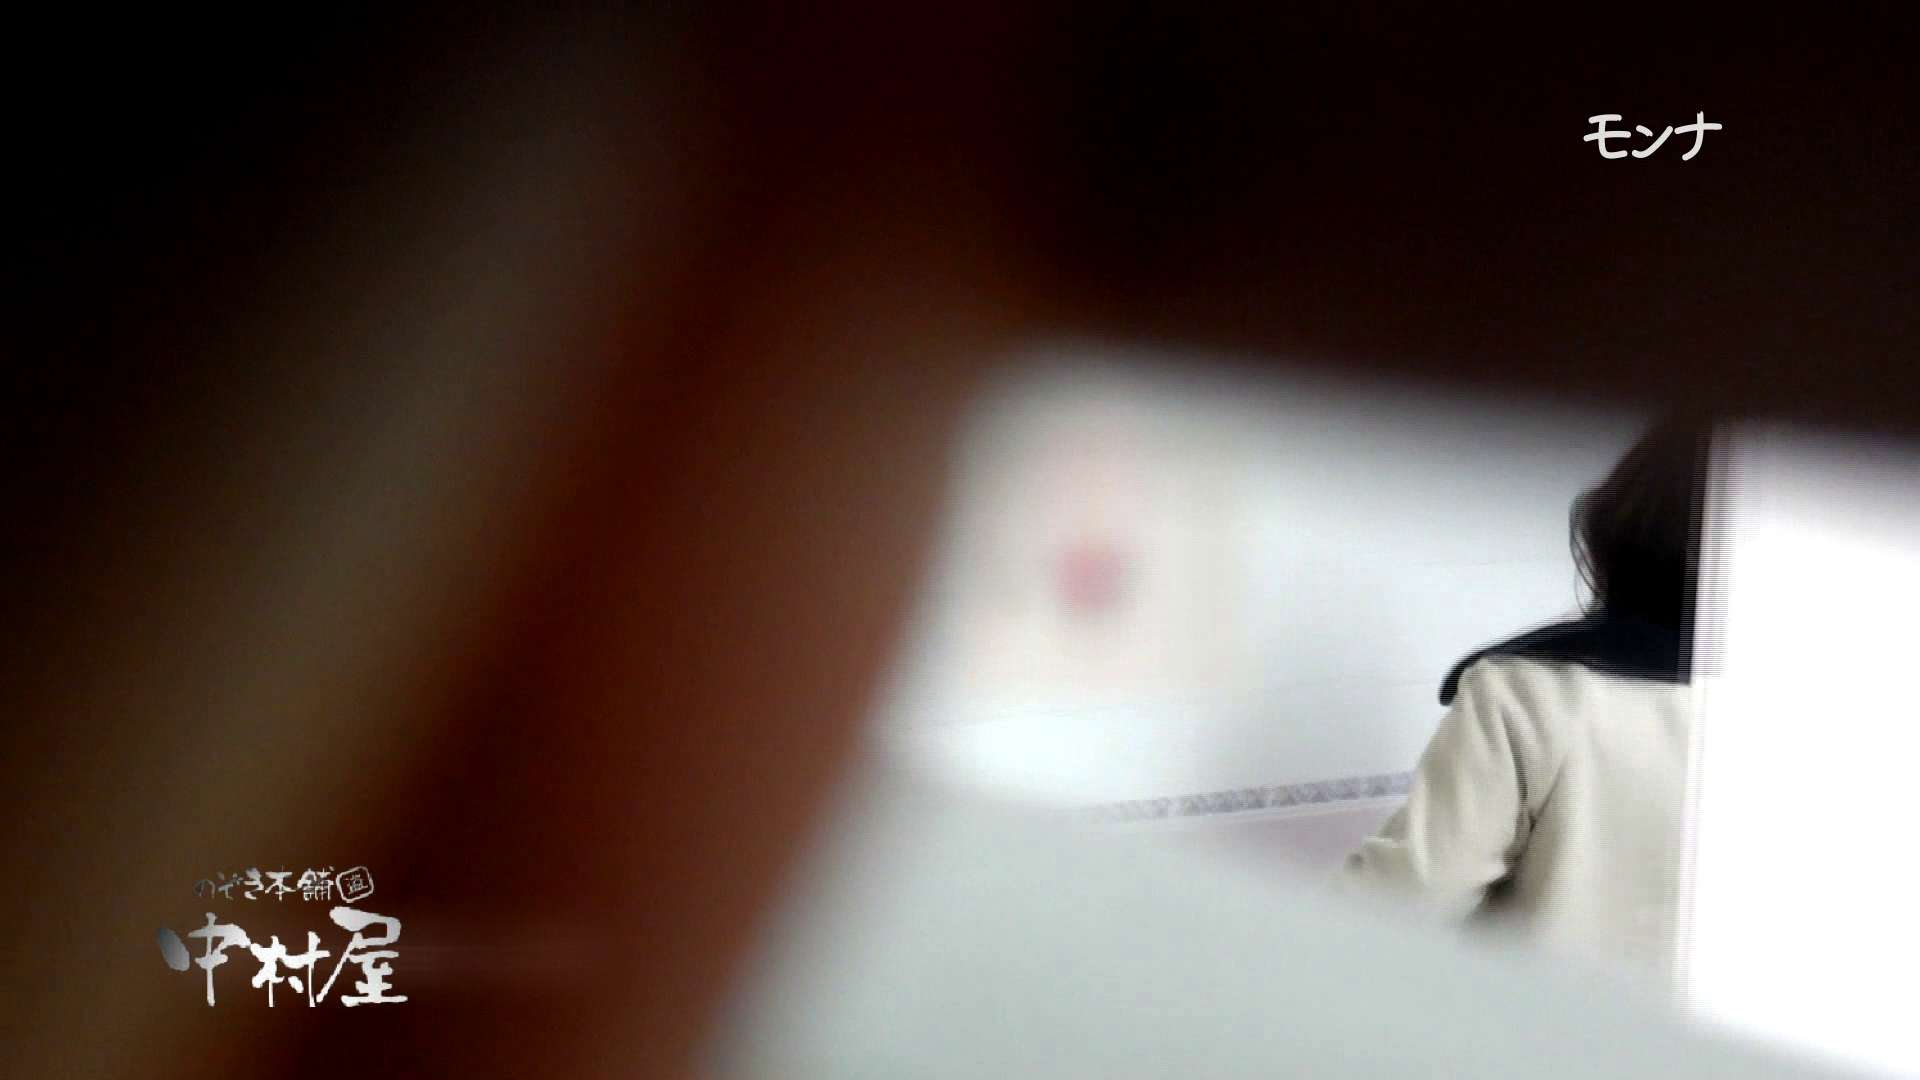 【美しい日本の未来】新学期!!下半身中心に攻めてます美女可愛い女子悪戯盗satuトイレ後編 悪戯 戯れ無修正画像 100PIX 79